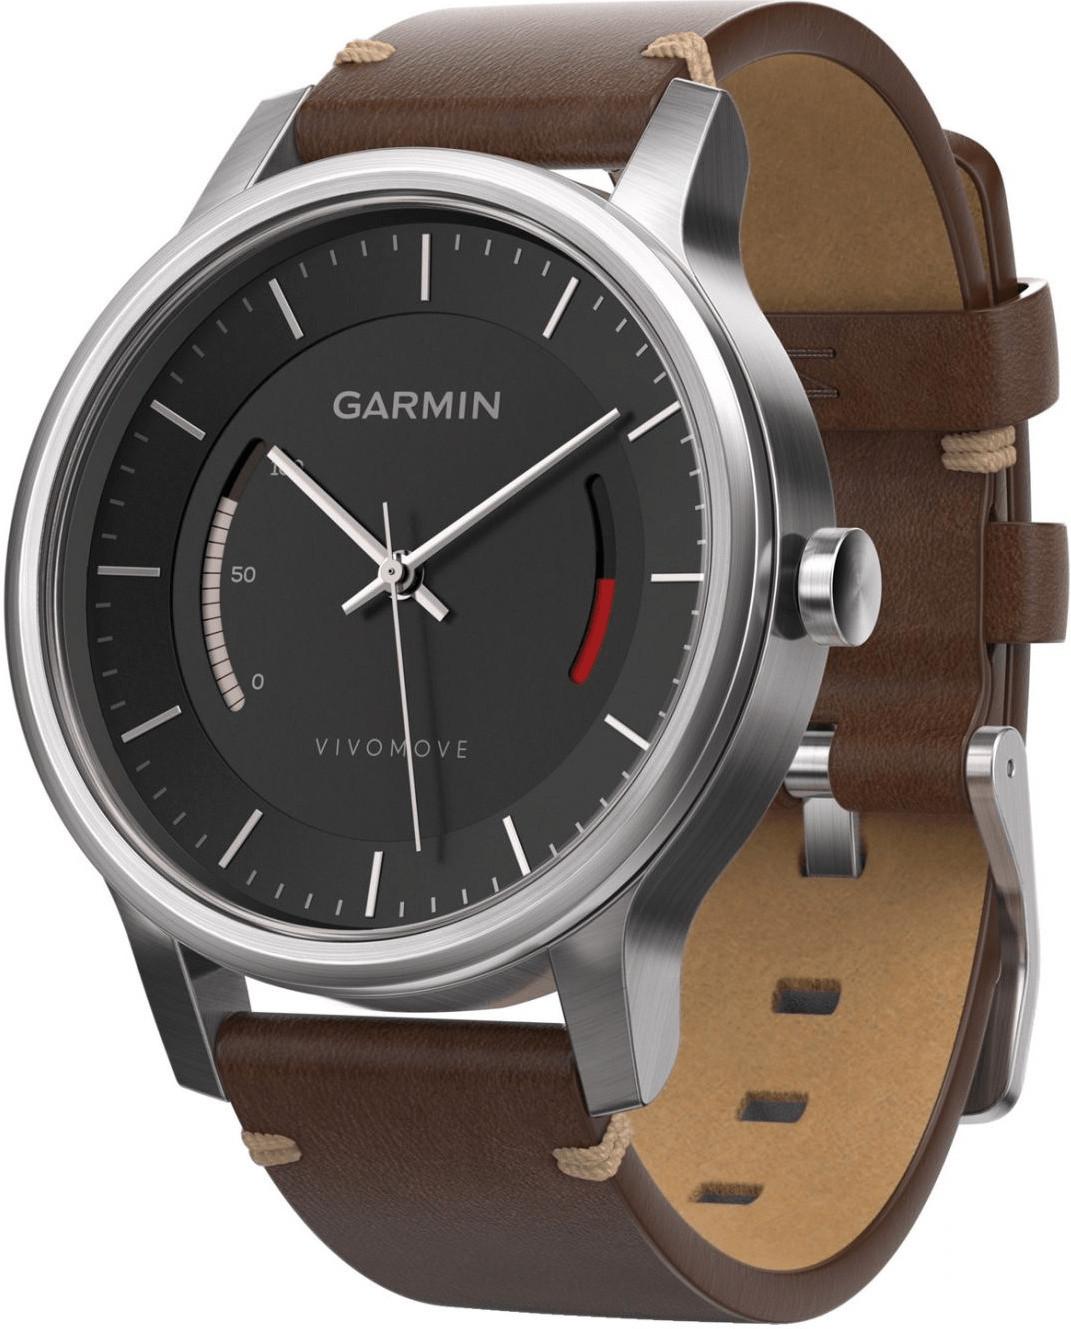 Garmin vivomove Premium black